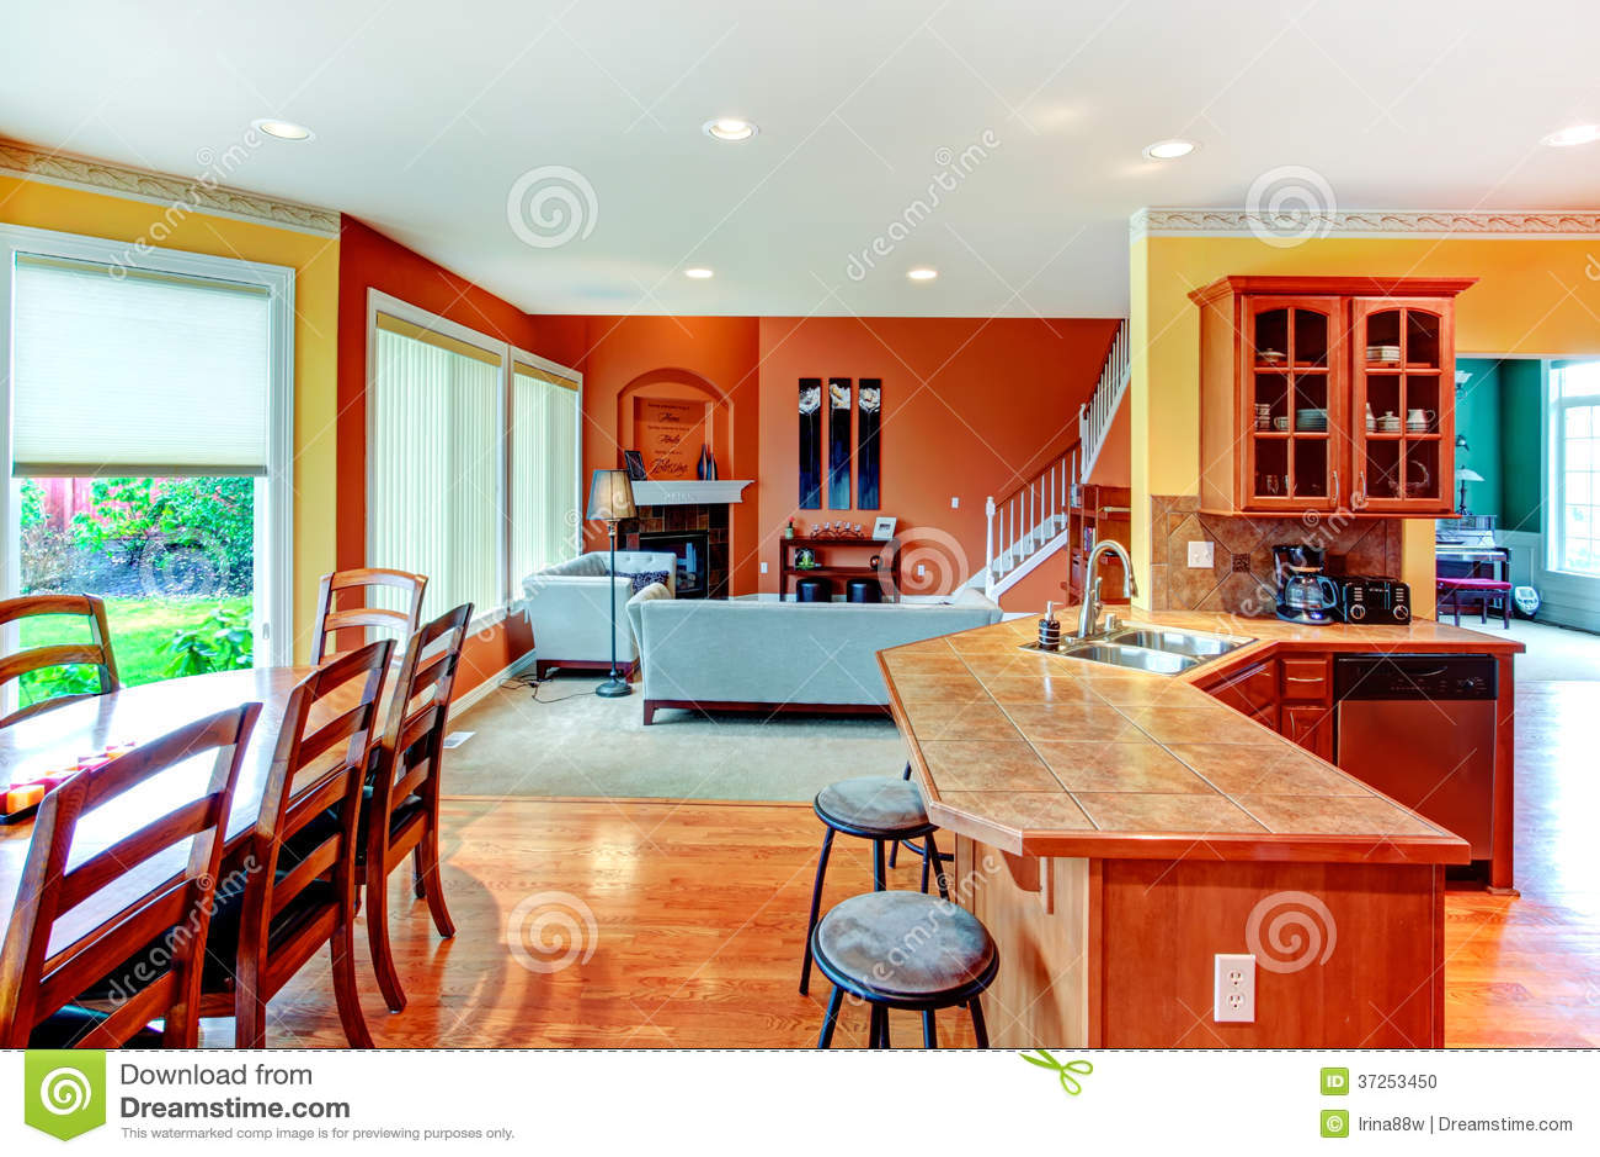 Dise o interior gran cocina cena y combinati de la sala for Sala de estar y cocina